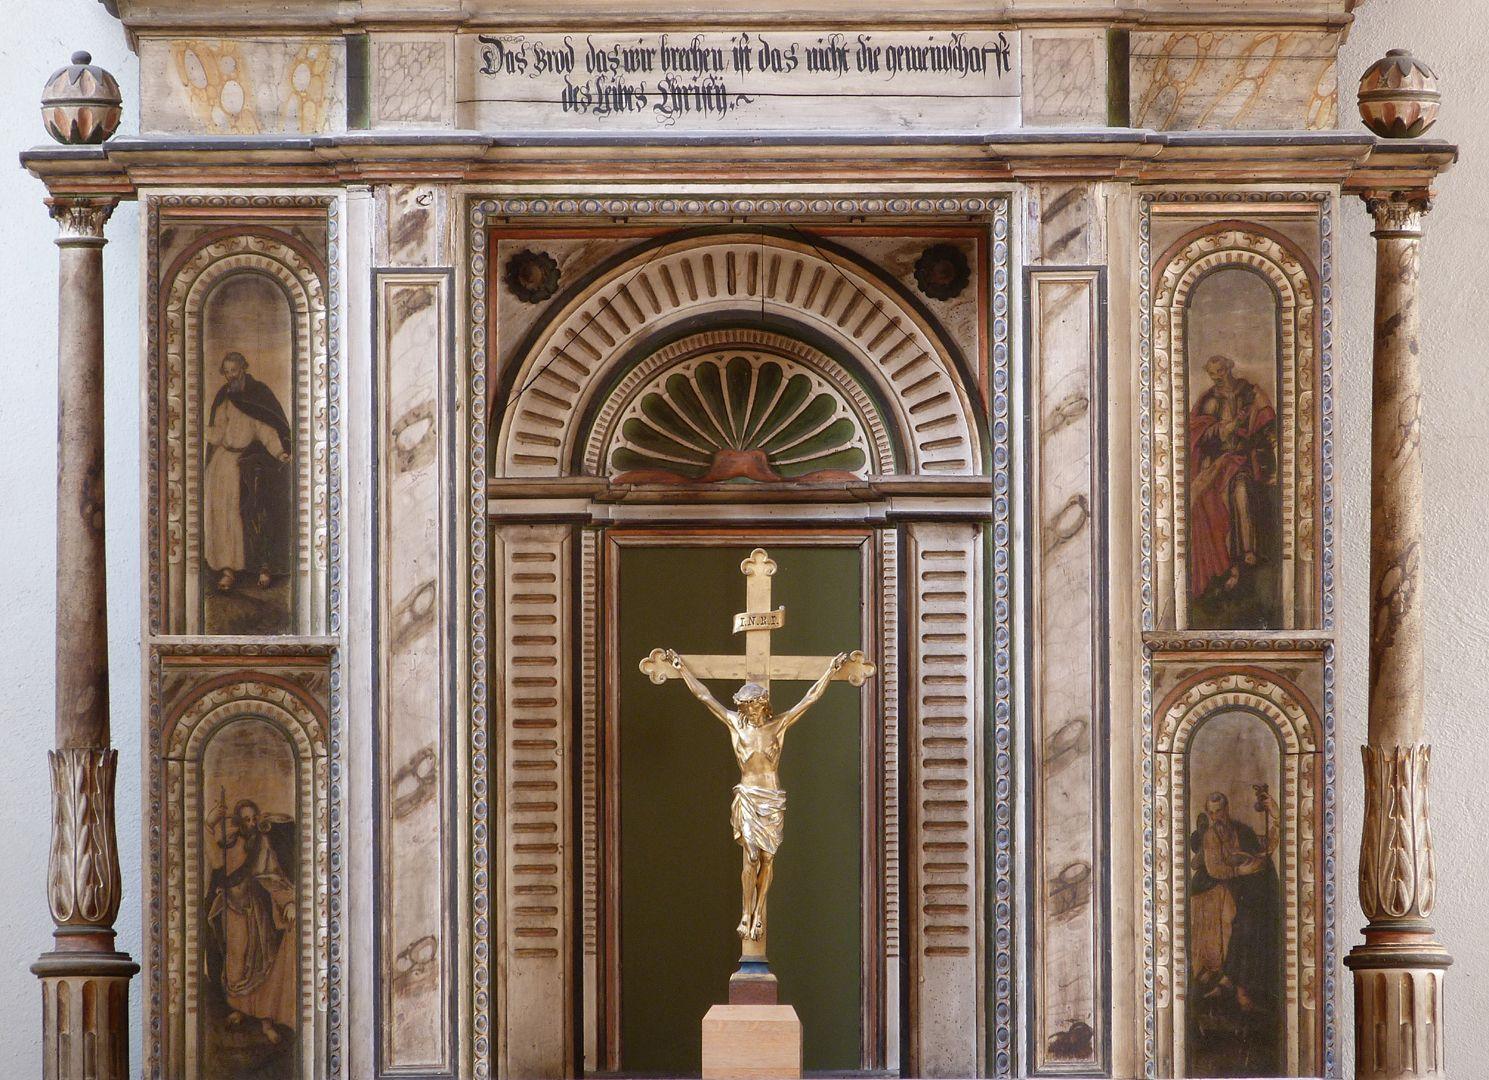 Flötner Altar (Ansbach) Altar Mittelkörper, Inschrift aus Korinther 10,16 zweiter Satz (Ist der Kelch des Segens, über den wir den Segen sprechen, nicht Teilhabe am Blut Christi?) Ist das Brot, das wir brechen, nicht Teilhabe am Leib Christi?